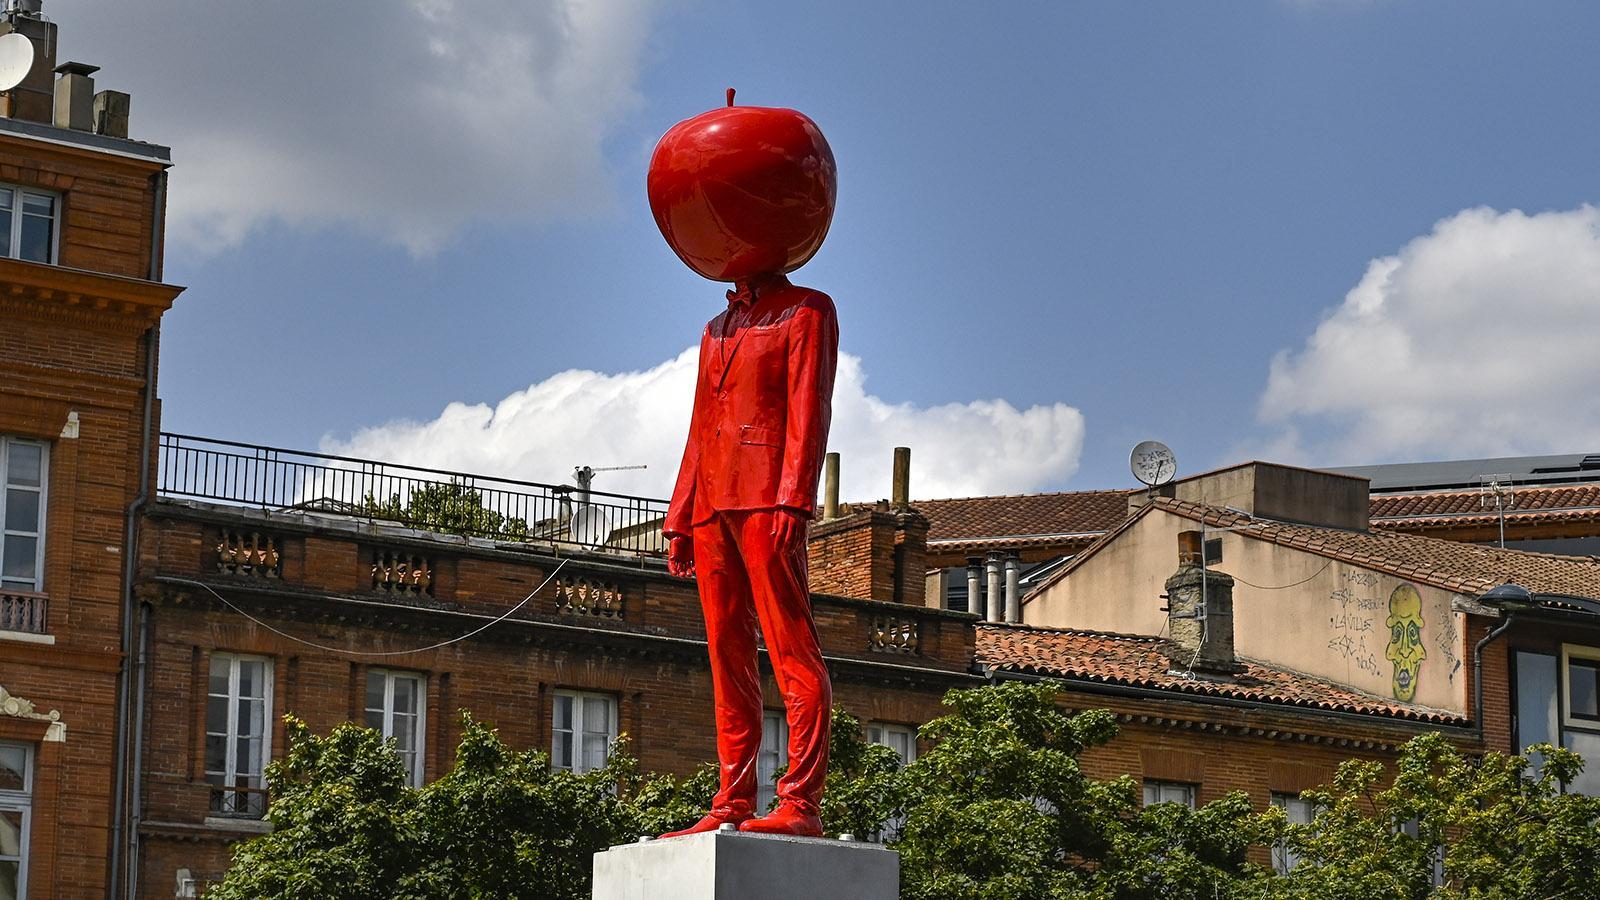 Toulouse: L'Homme à la tête de pomme auf der Ramblas von Toulouse bei der Métro Jean-Jaurès. Foto: Hilke Maunder